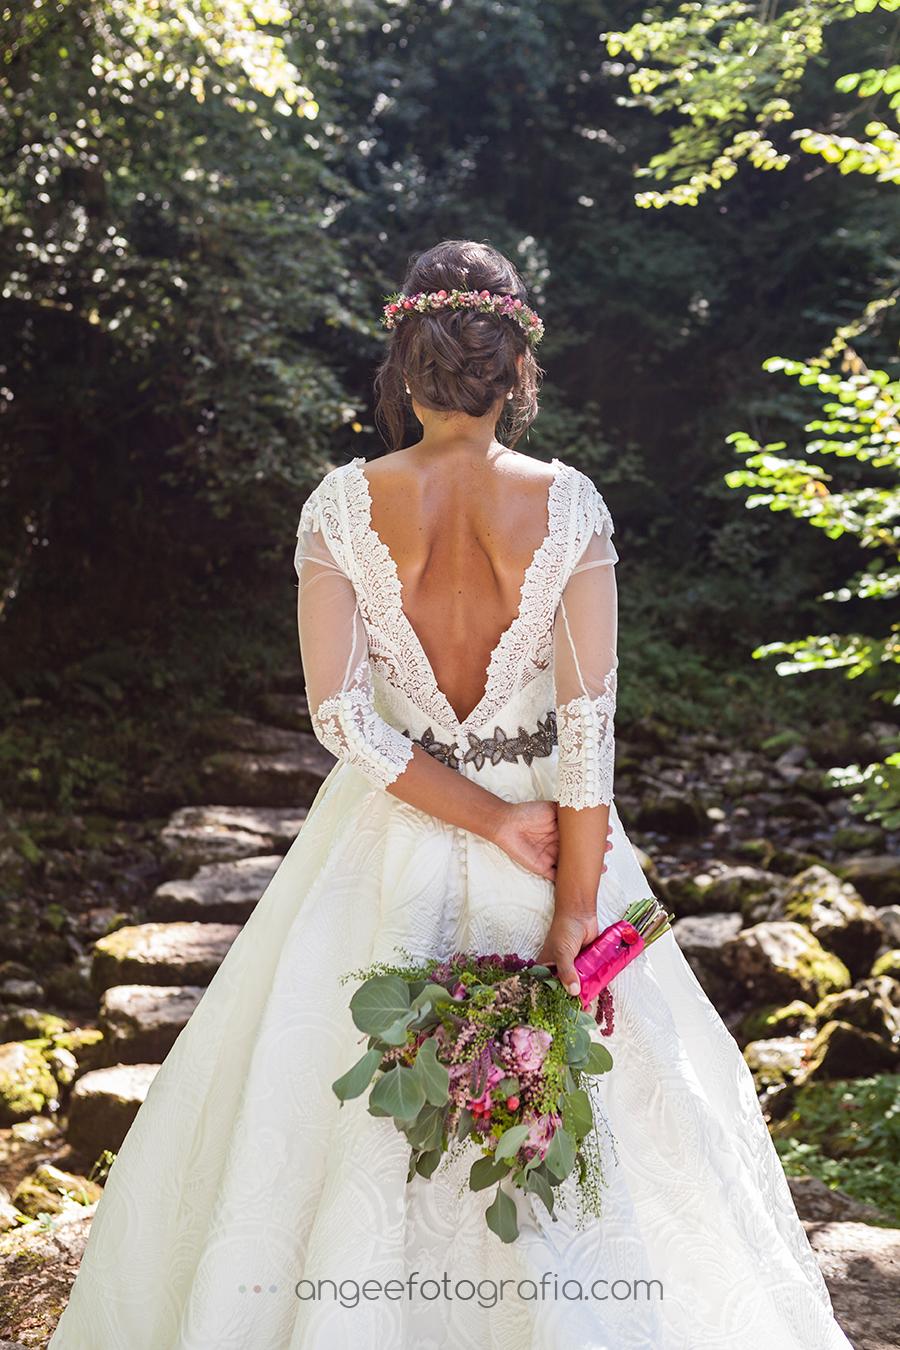 angela-gonzalez-fotografia-boda-de-rocio-y-pablo-en-covandonga-39